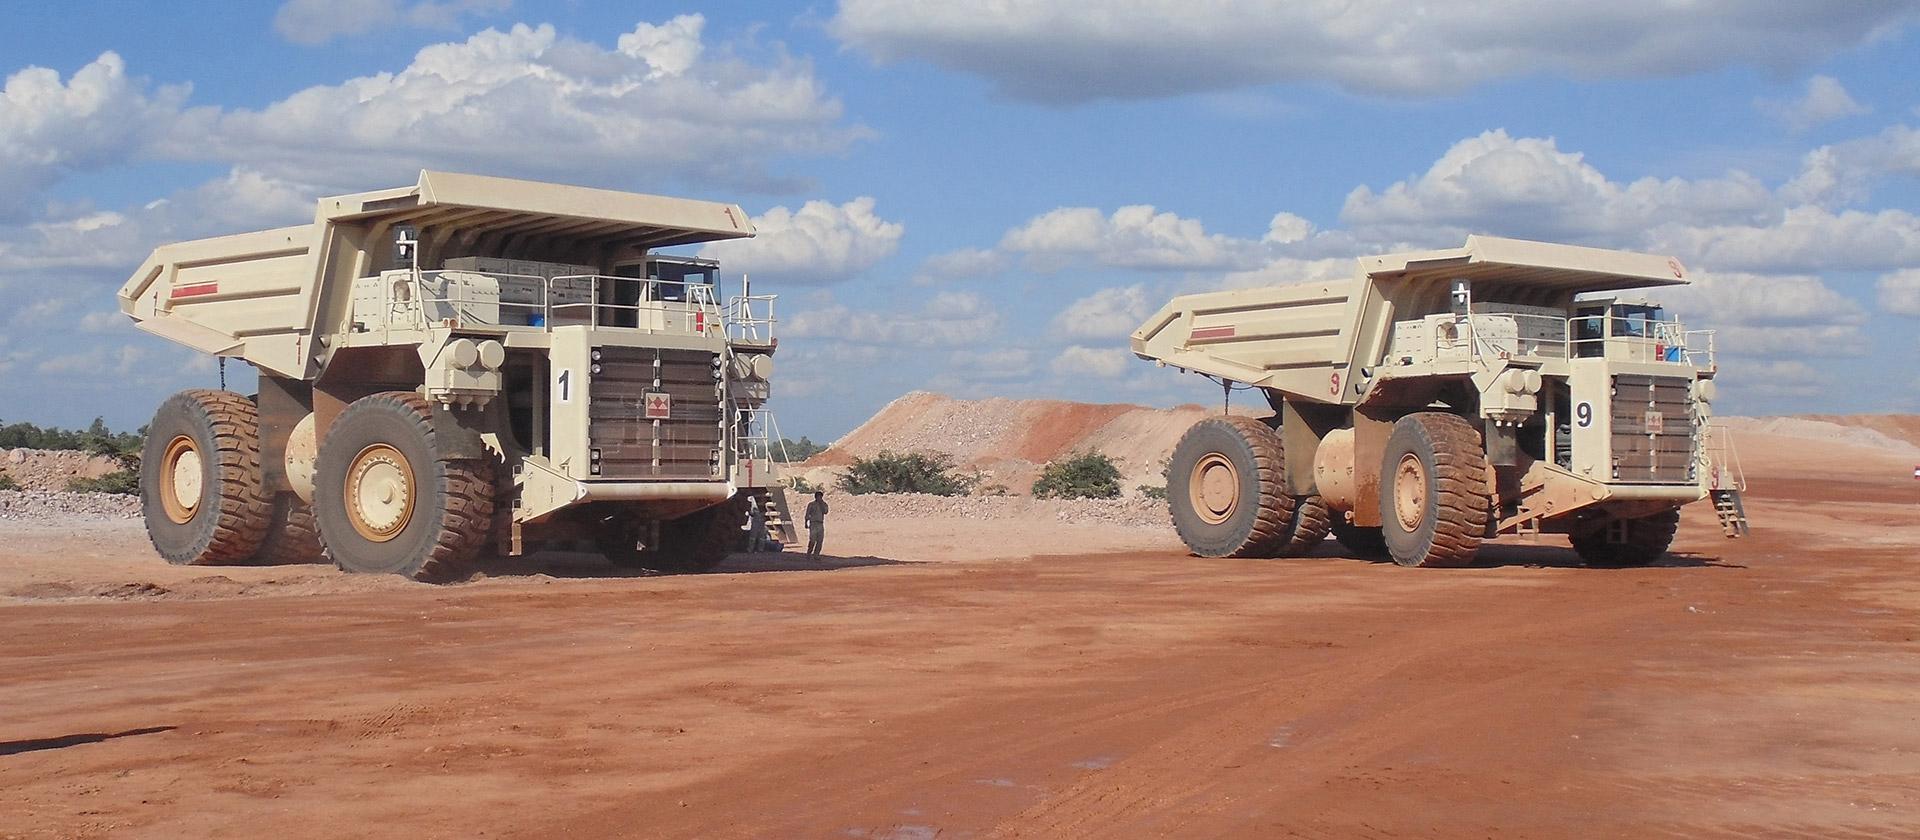 earthmover otr tyres